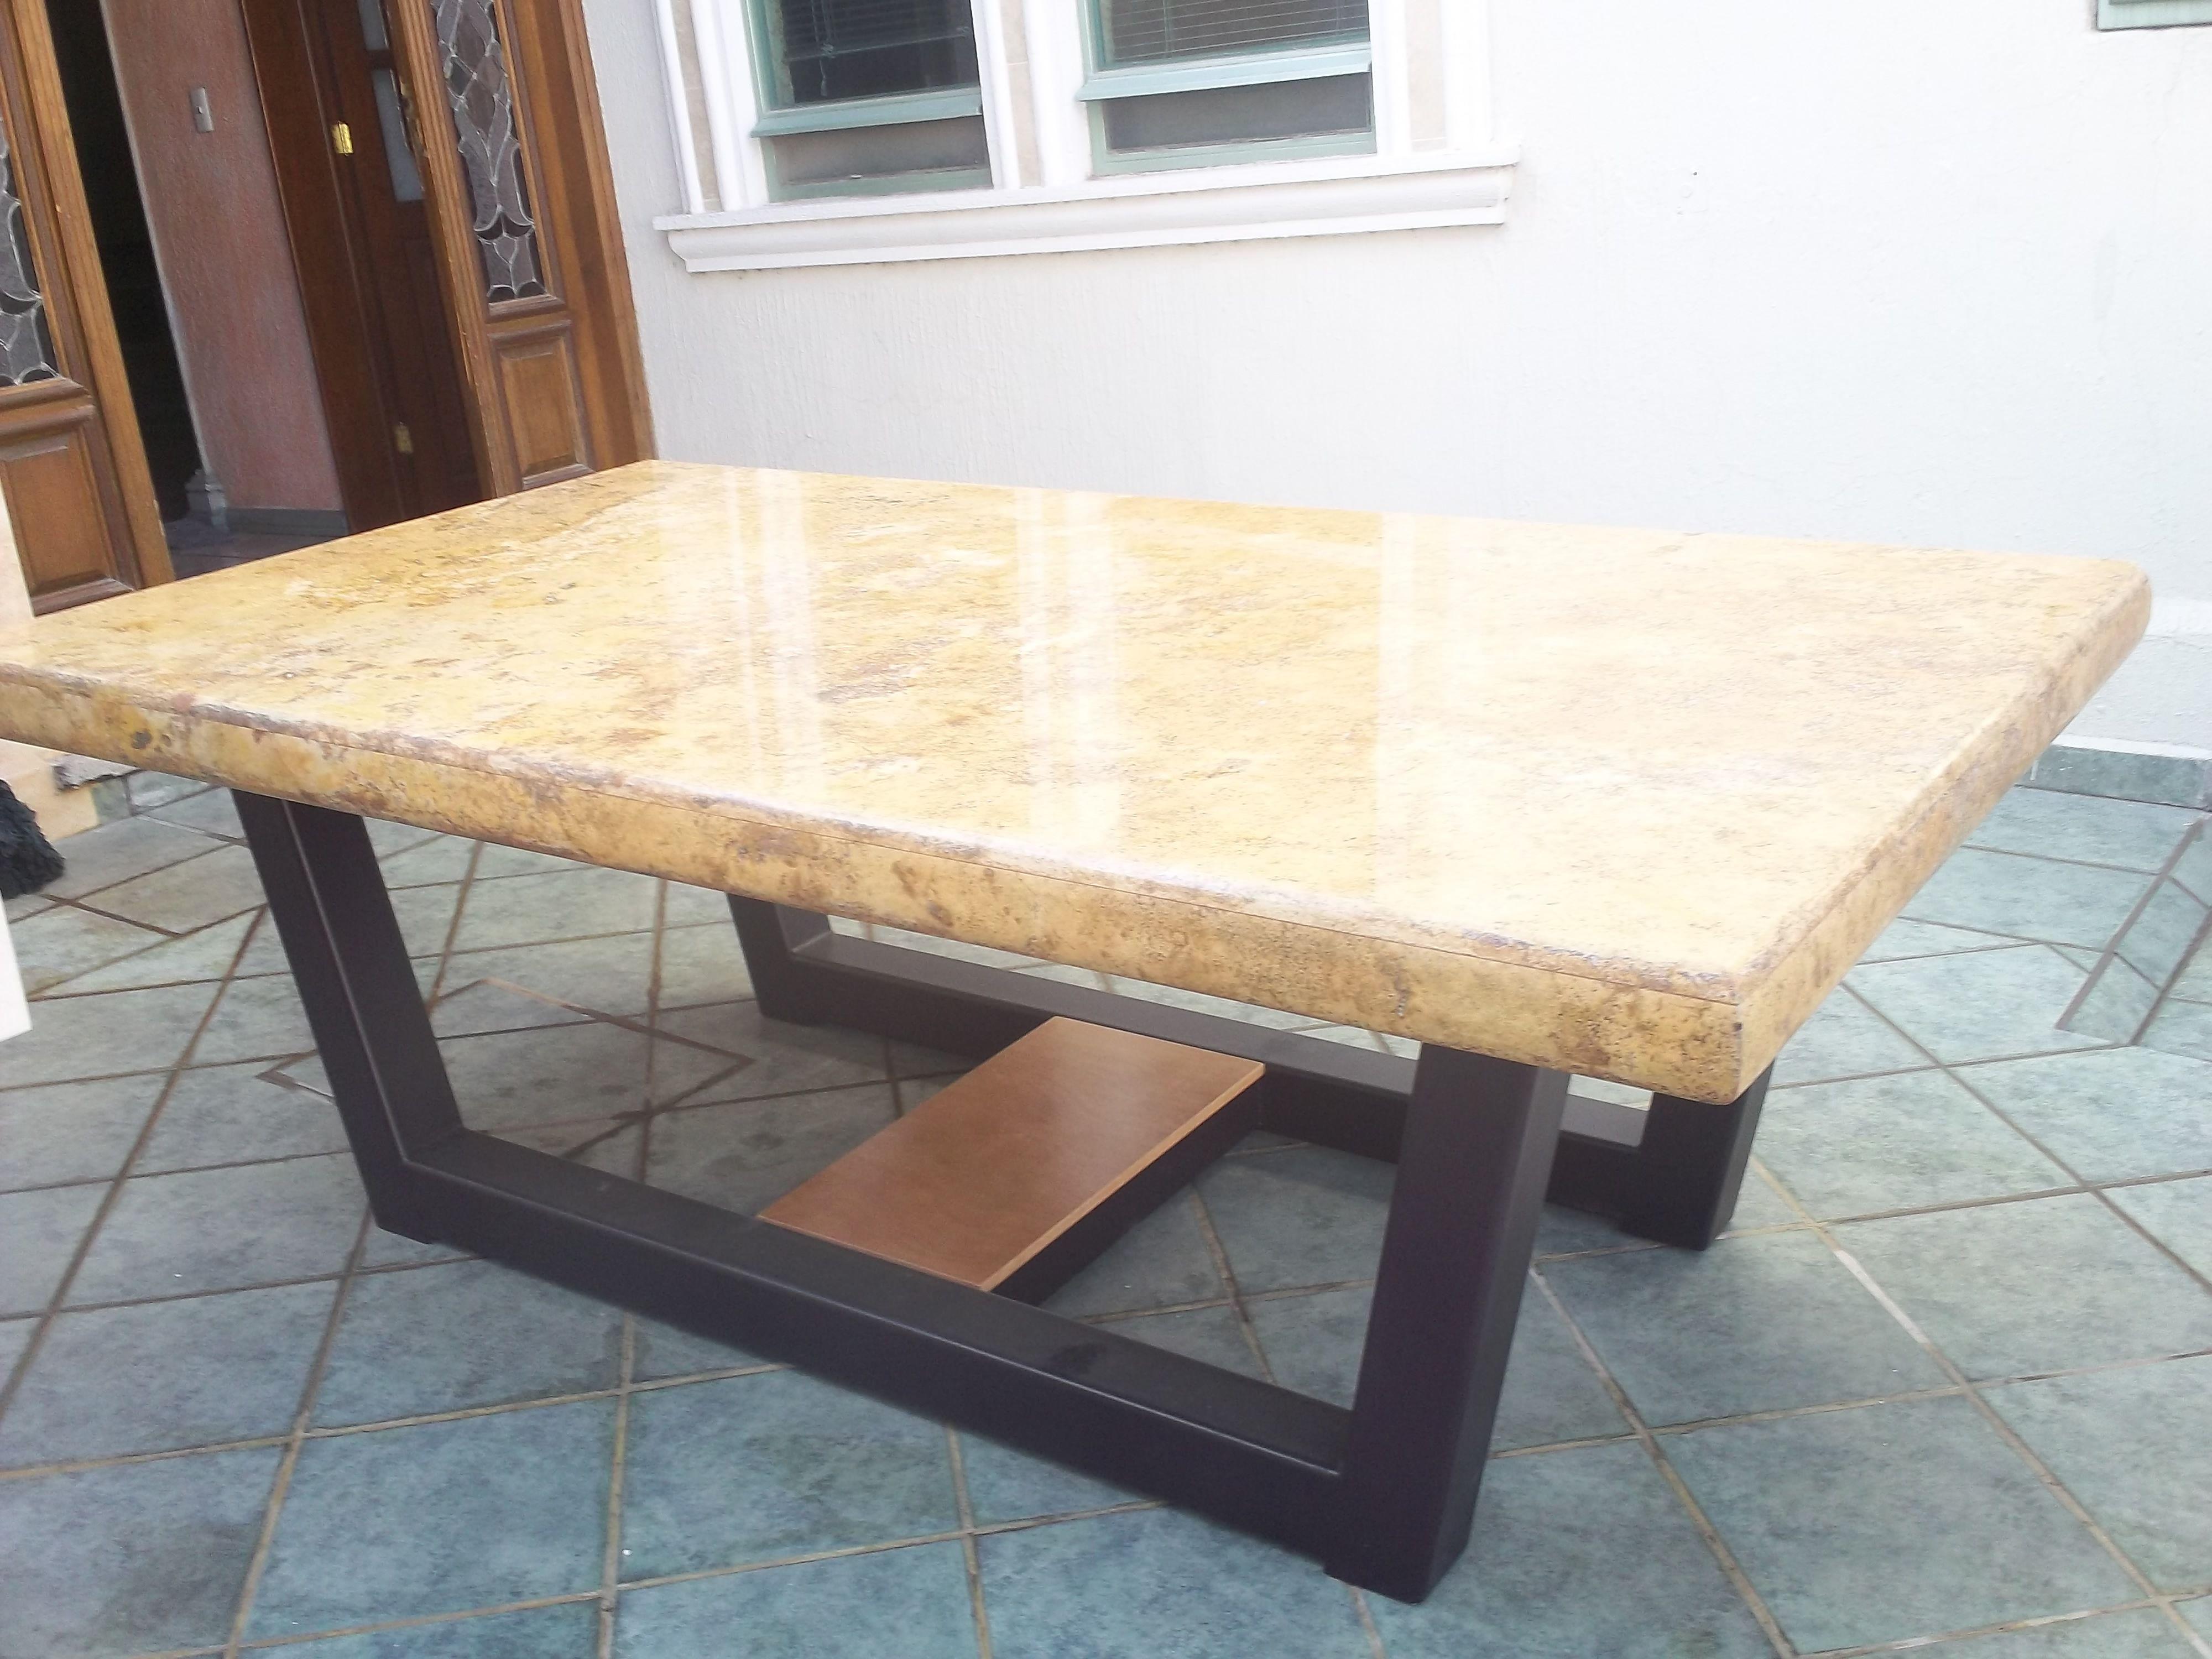 Mesa de m rmol 260 x 140 x 2 cms una sola placa con base for Marmol para mesa